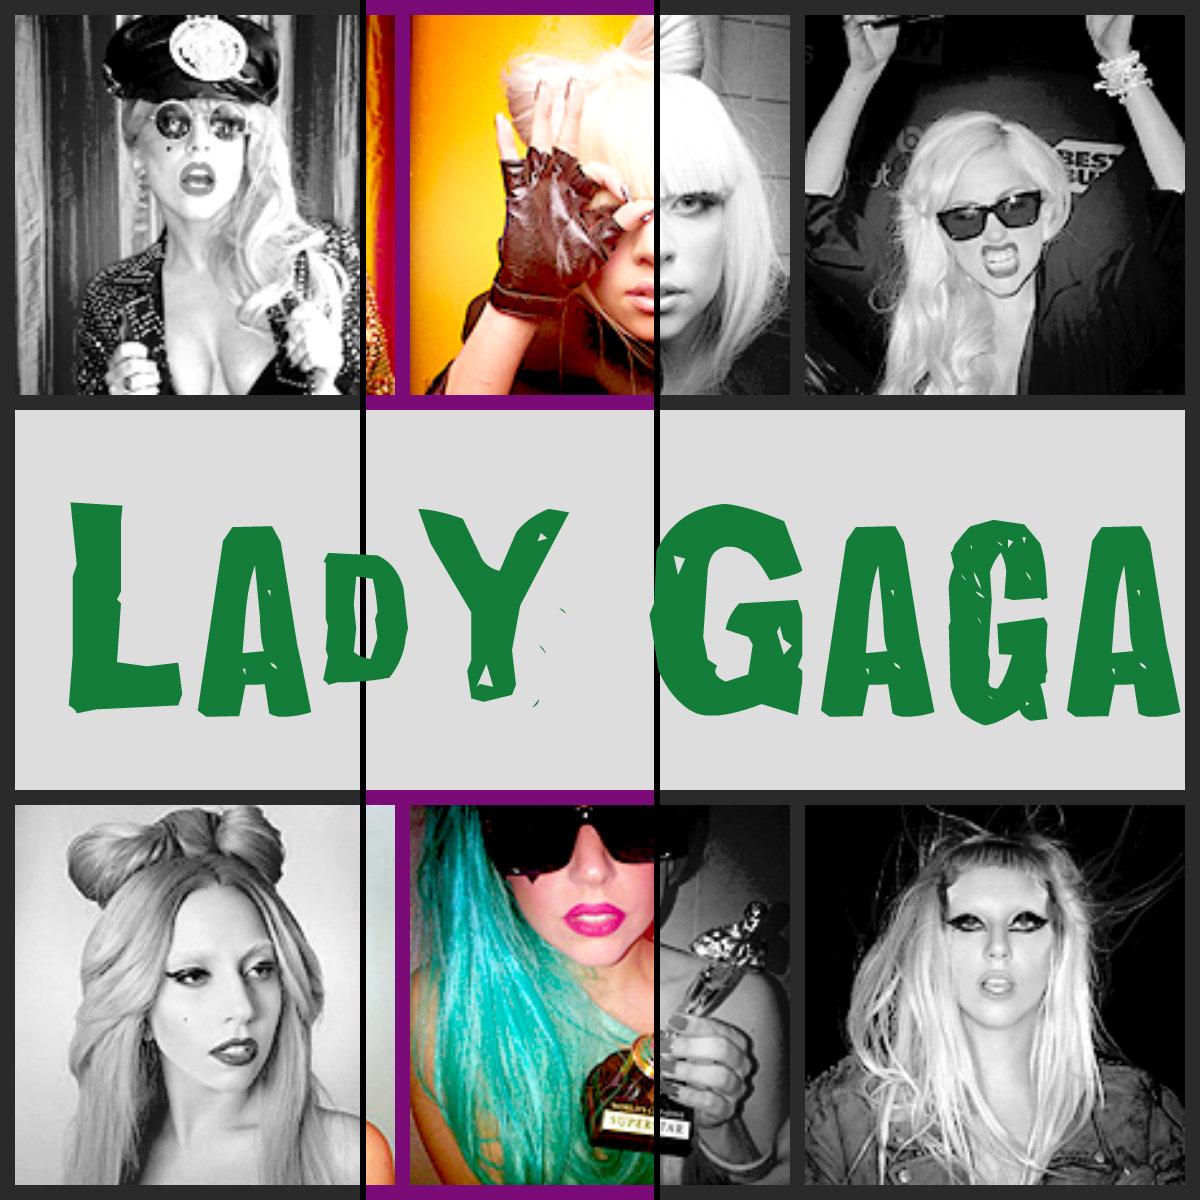 Lady Gaga collage